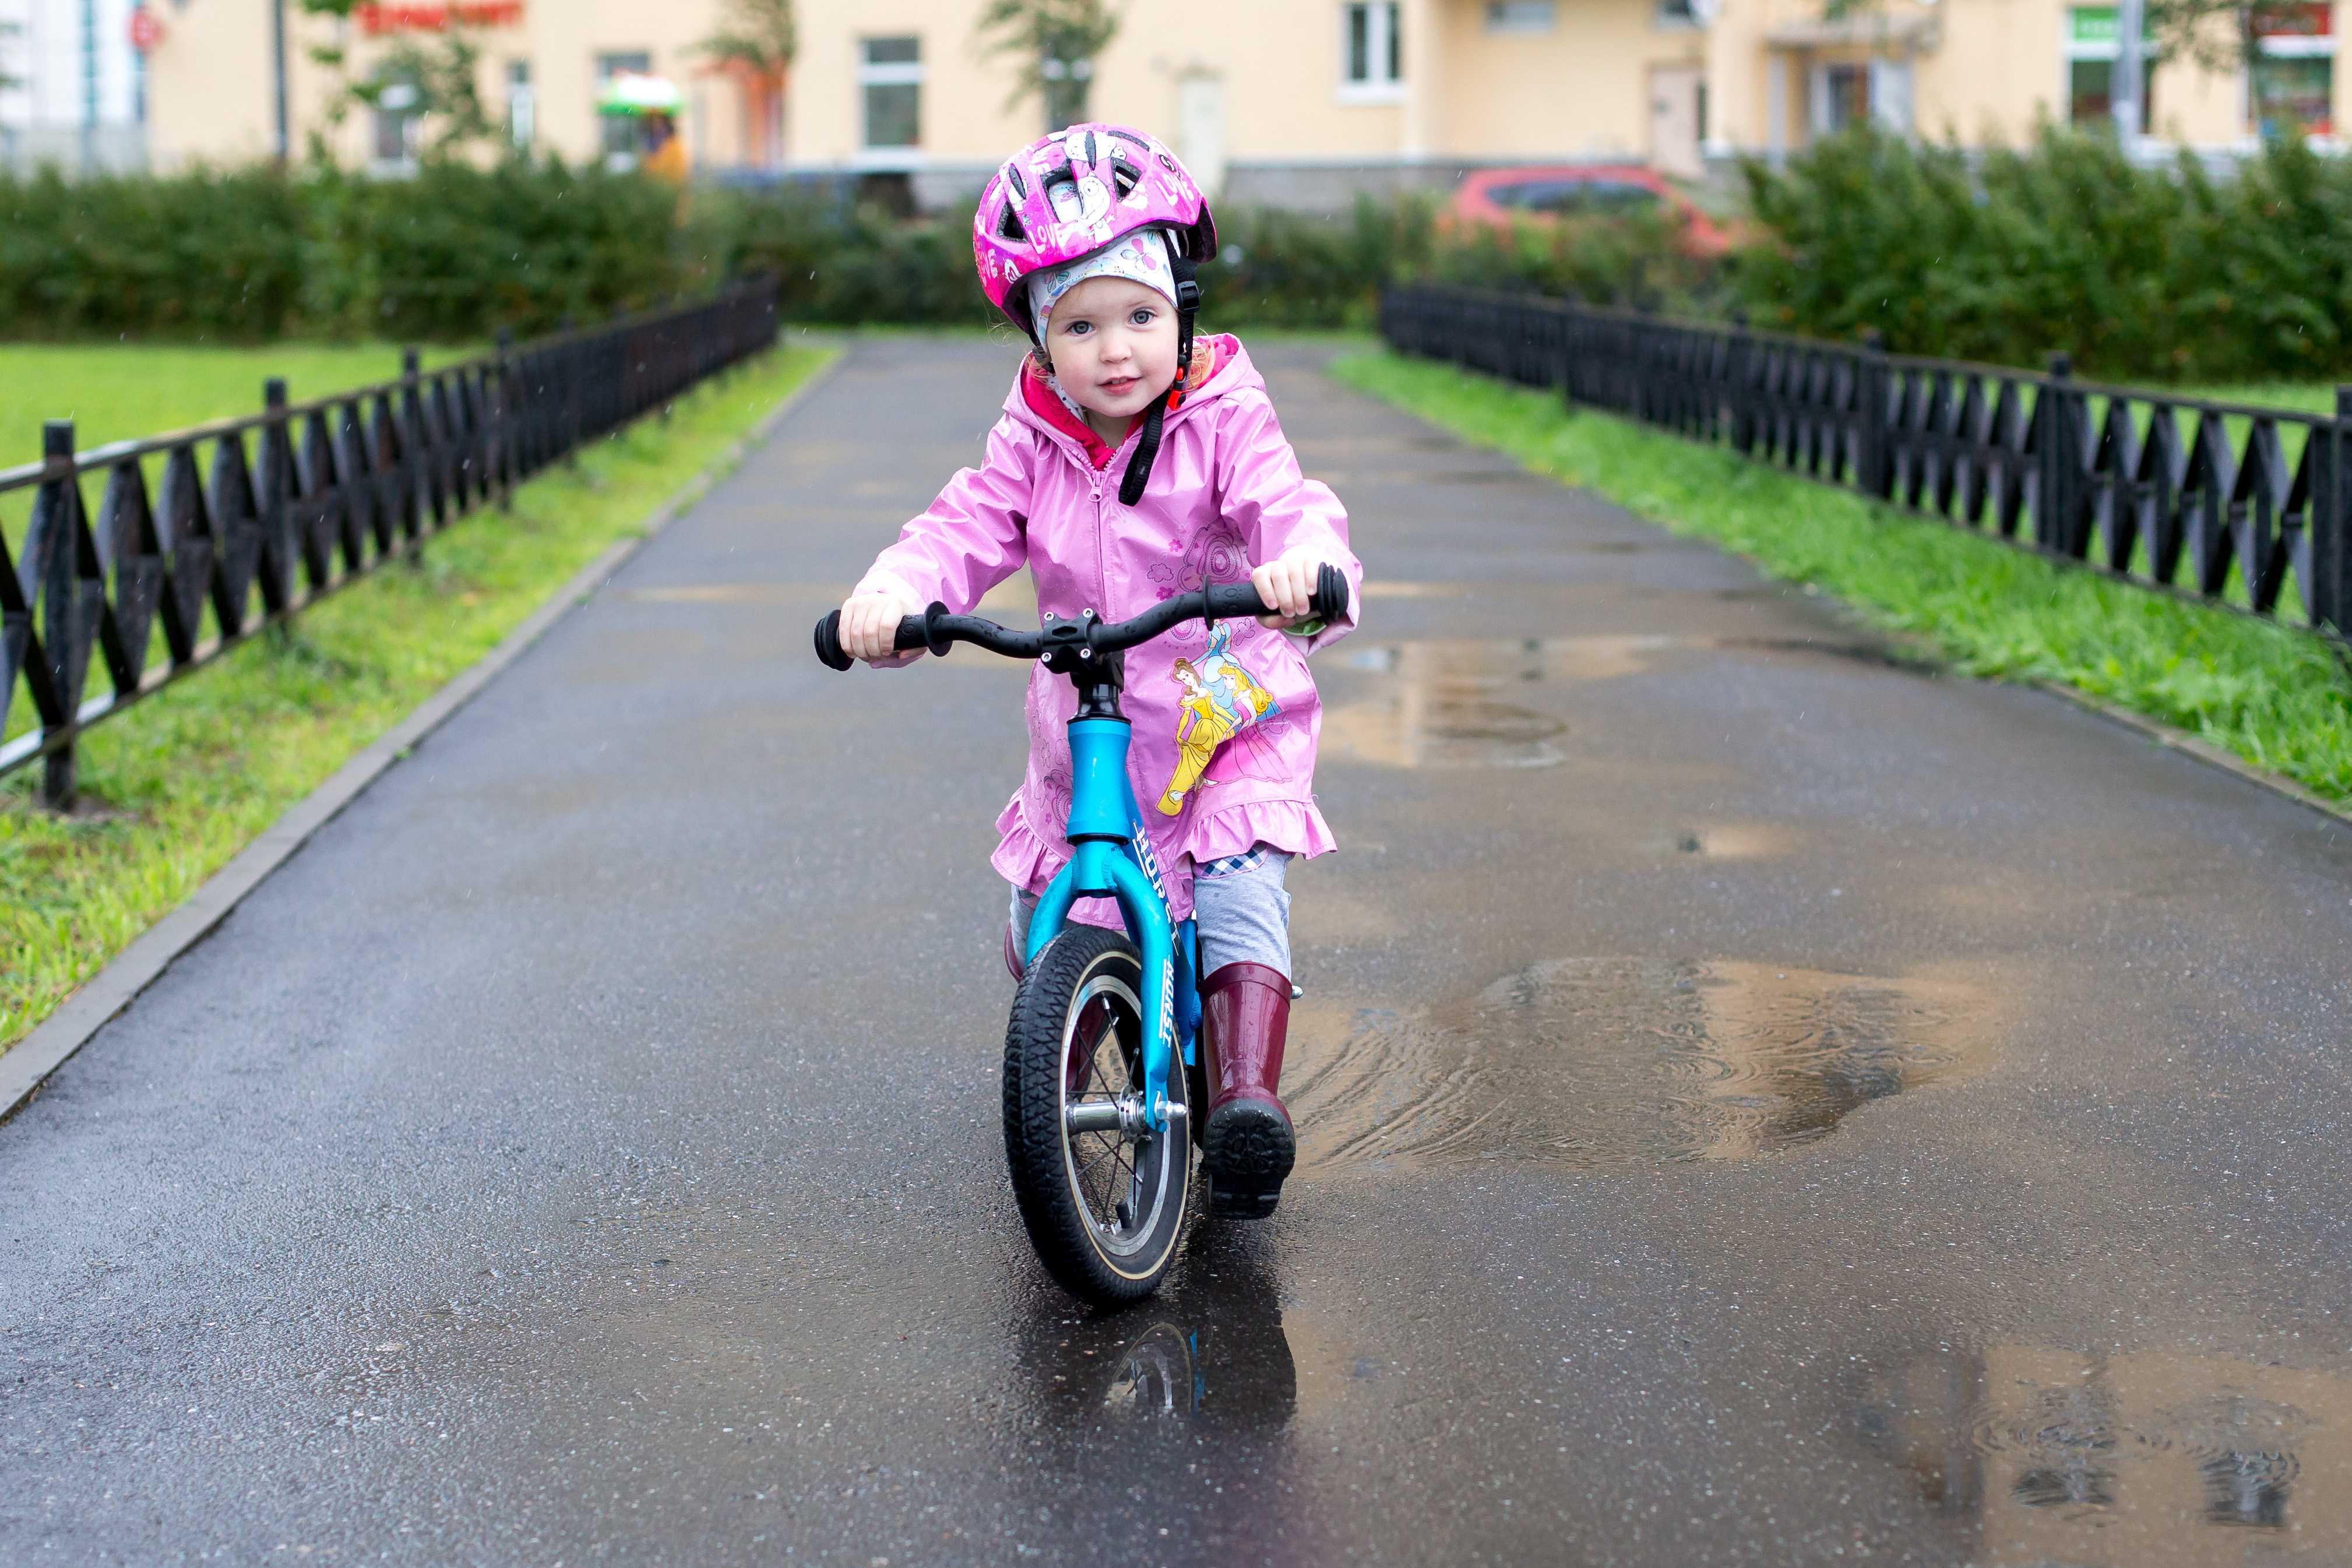 Польза беговела для детей – нужен ли беговел ребенку от года, от 5 лет, и чему он научит?